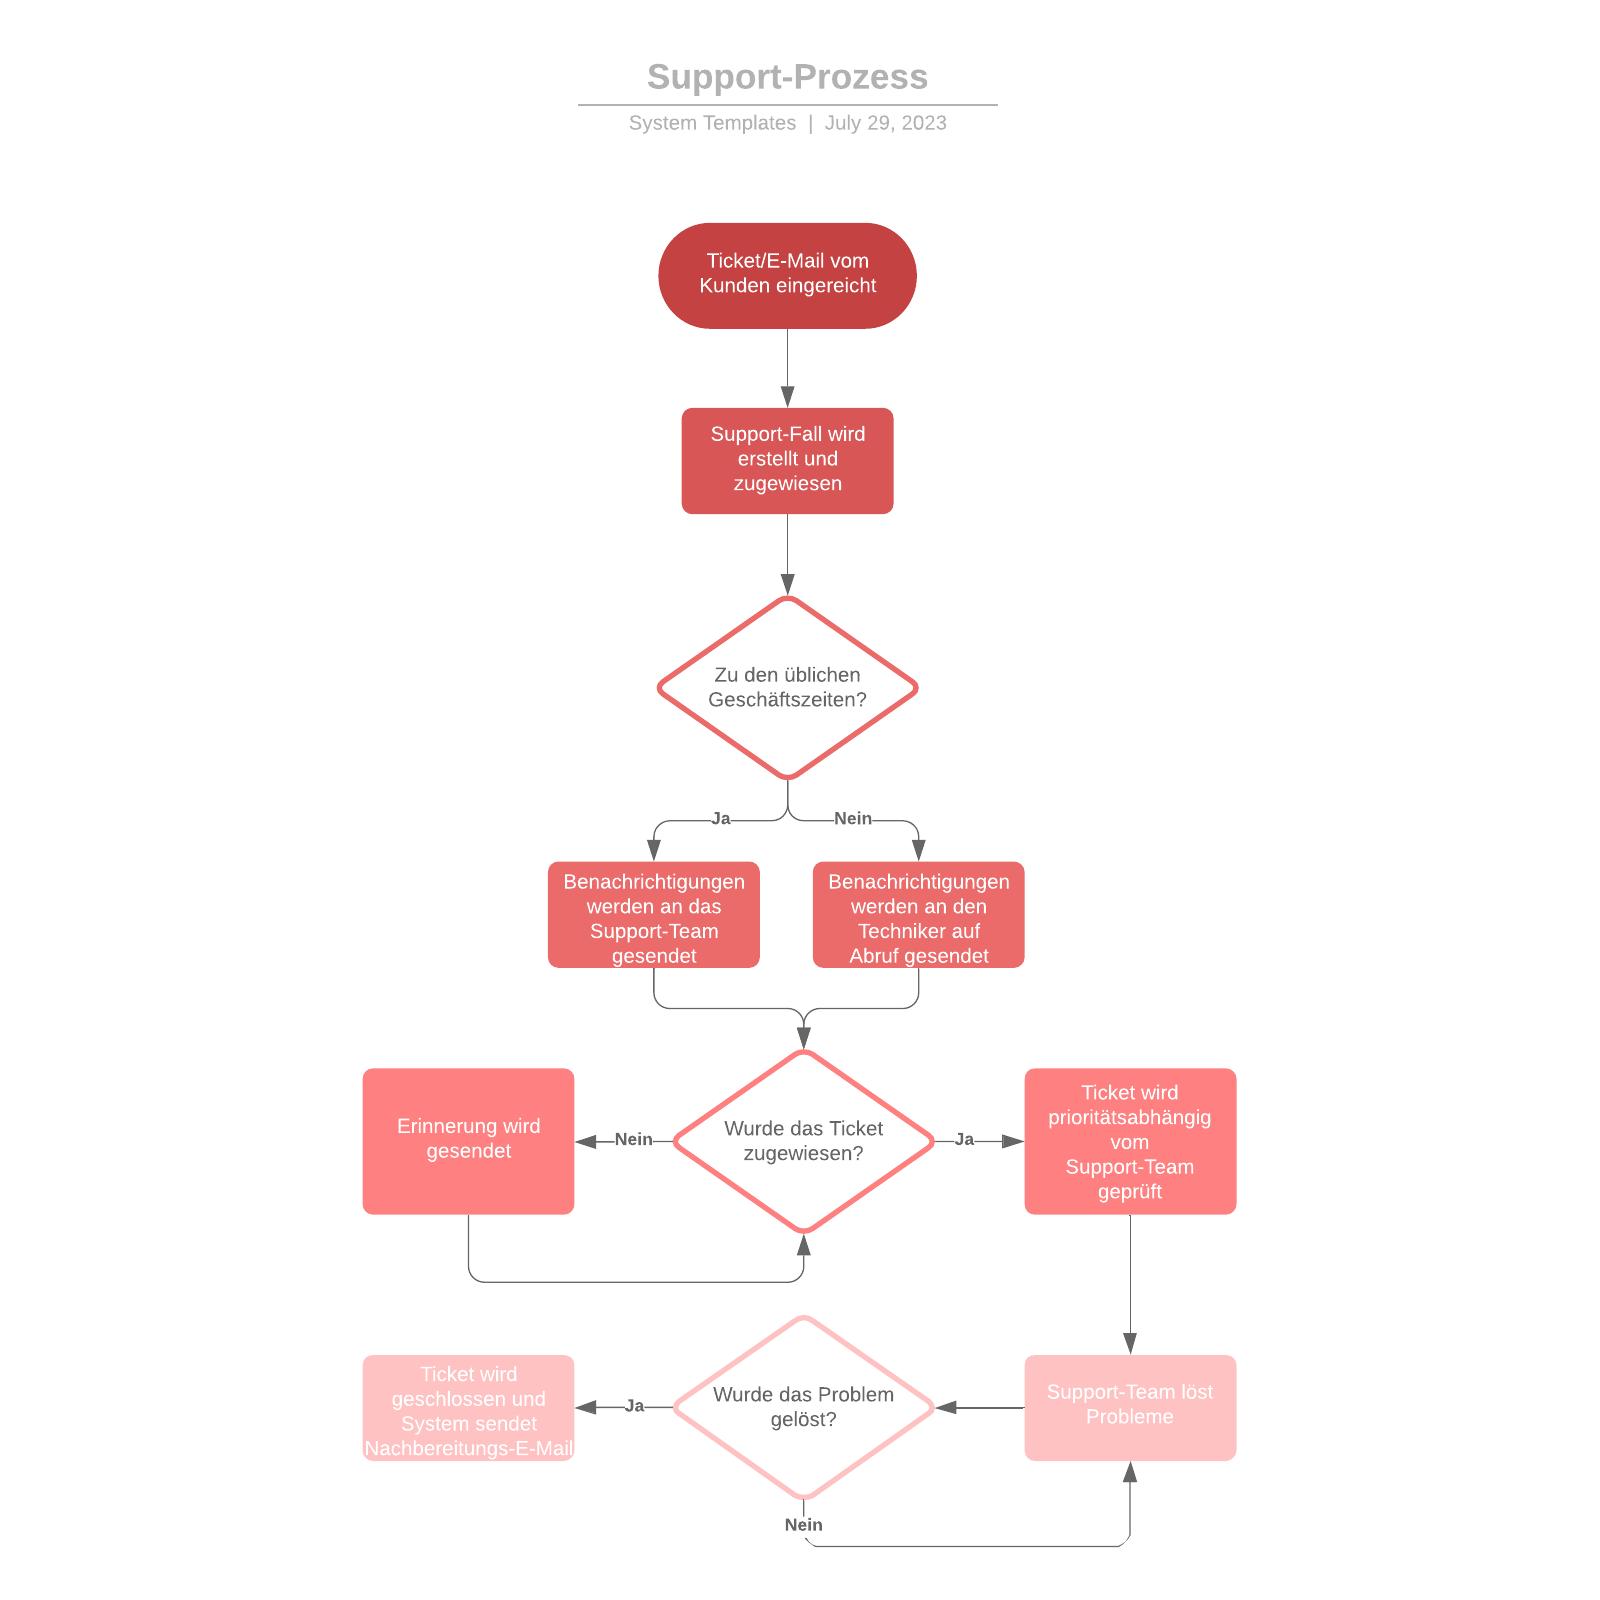 Support-Prozess Flussdiagramm Vorlage